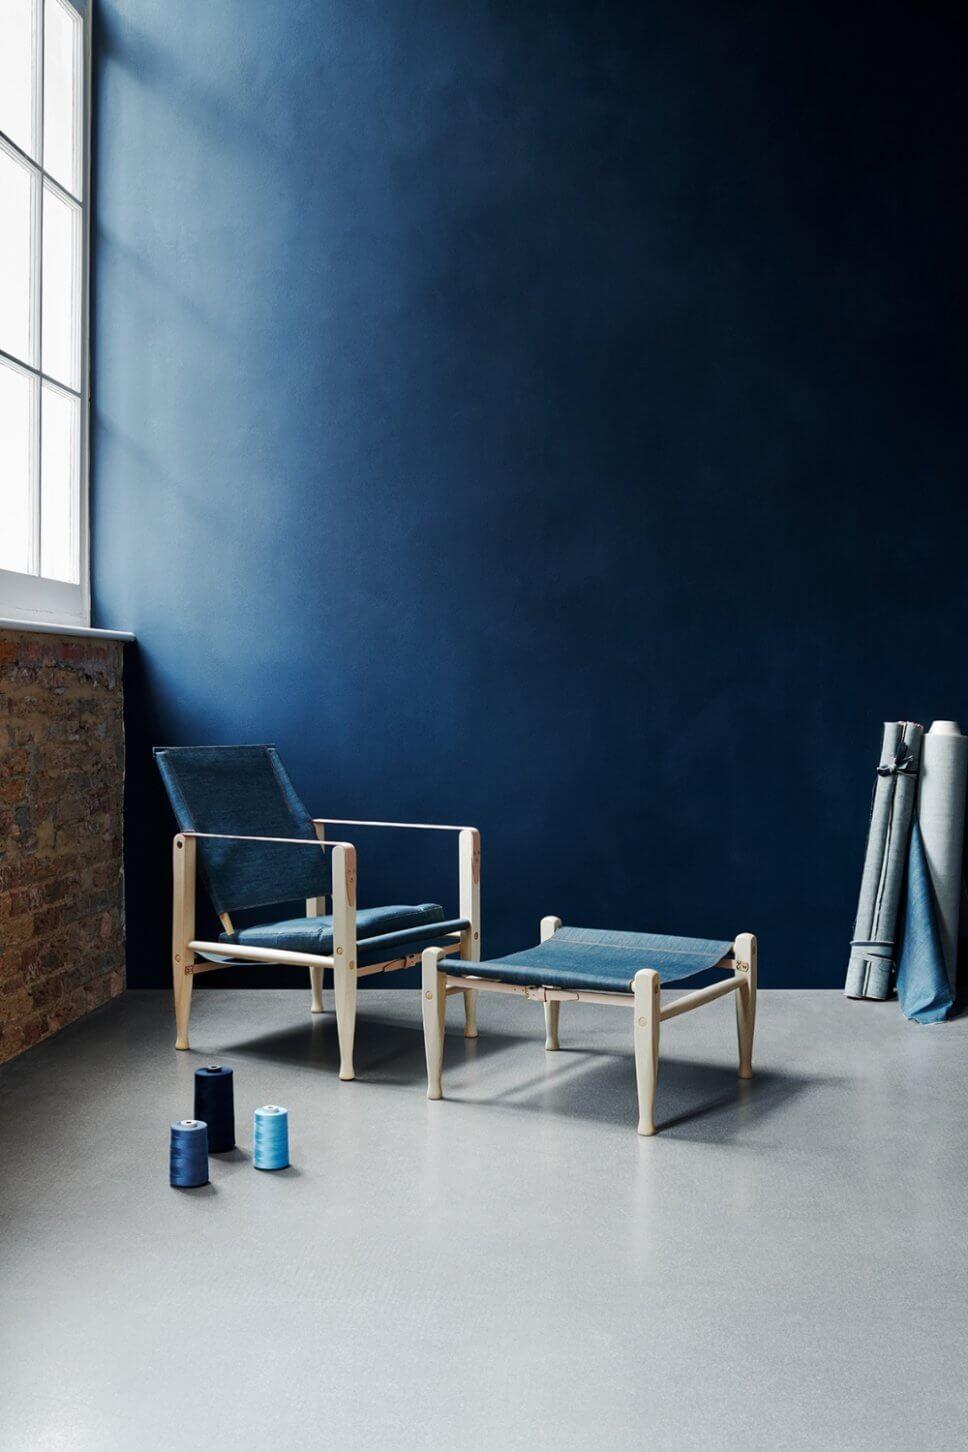 Sessel mit Fußhocker in modernem Wohnzimmer